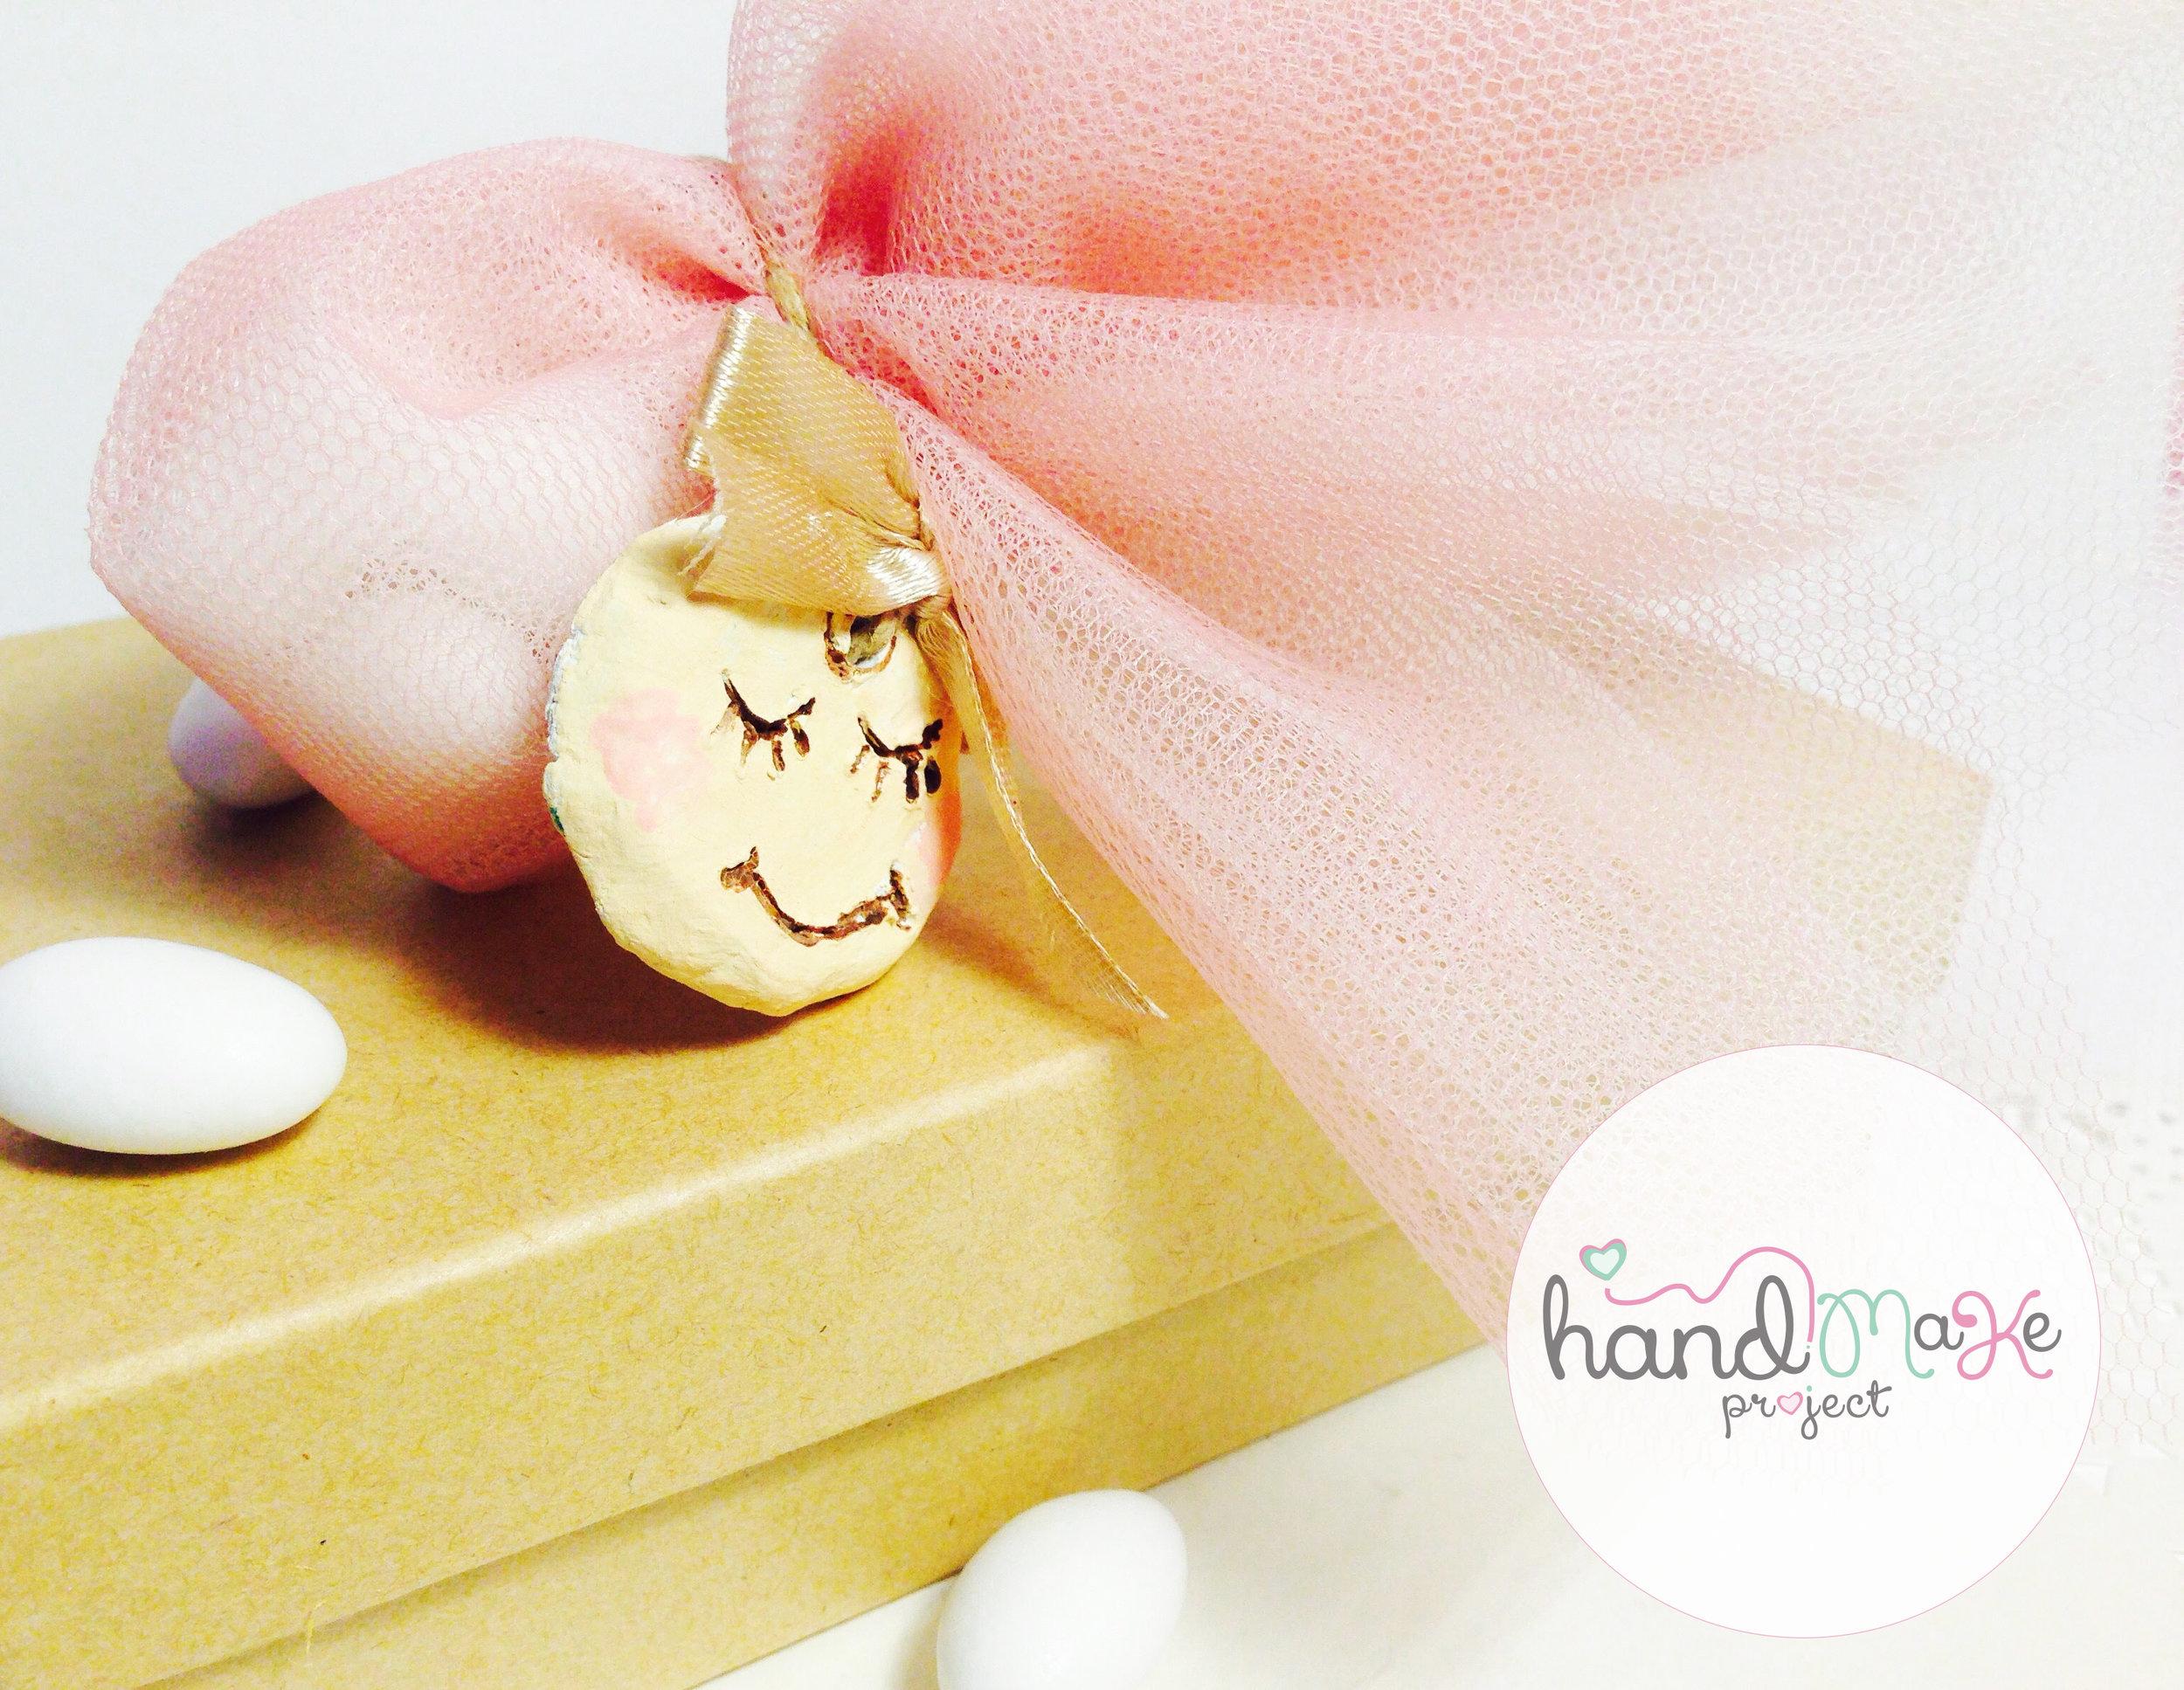 κωδικός ΒΒ_ 46 Collection ''Playful''   Μπομπονιέρα με χειροποίητο πήλινο διακοσμητικό σε σχήμα μωρό, σπάγγο, τούλι λευκό-σάπιο μήλο και σατέν χρυσή κορδέλα.